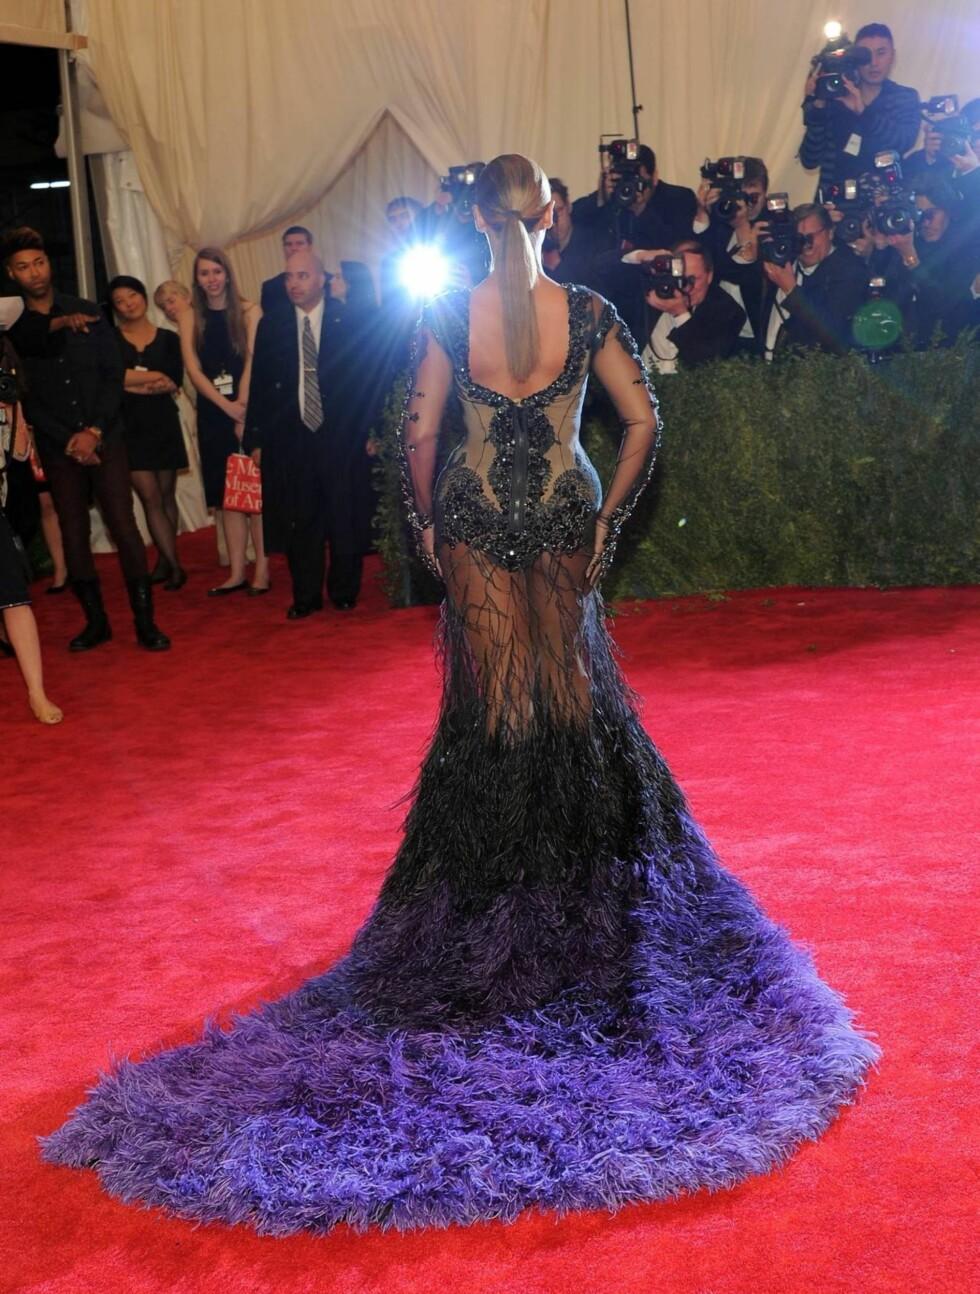 DRISTIG: Sangerens frekke kjole viste frem hennes  berømte kurver.  Foto: All Over Press